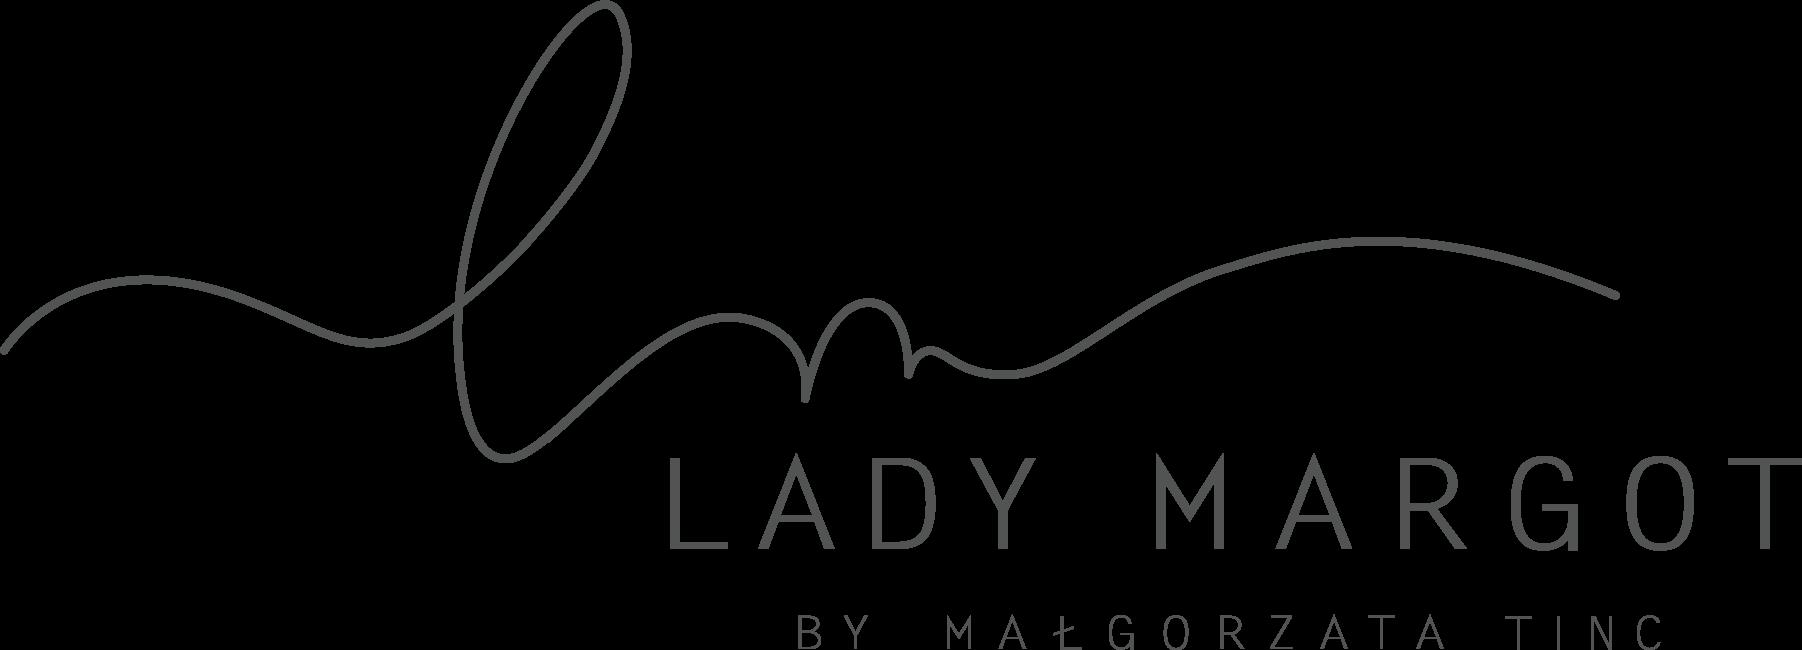 Lady Margot by Małgorzata Tinc